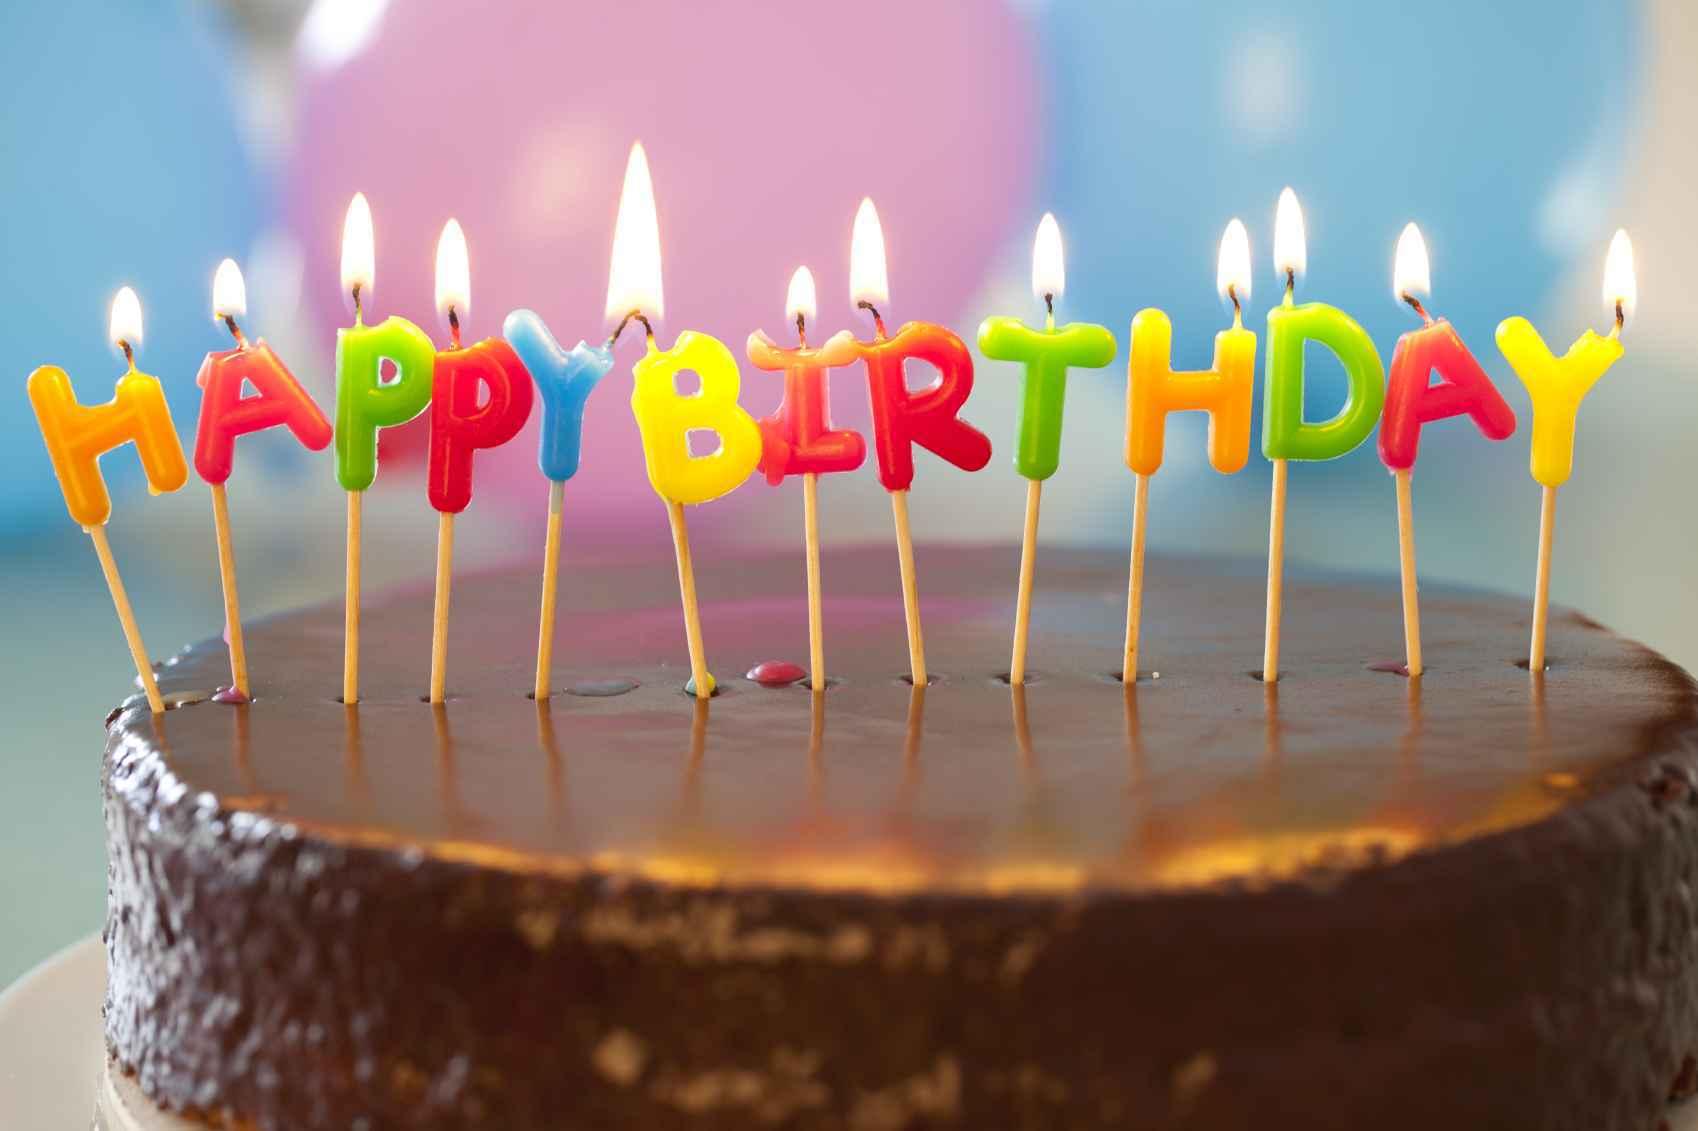 Вкусный шоколадный торт ко дню рождения - С Днем Рождения поздравительные картинки